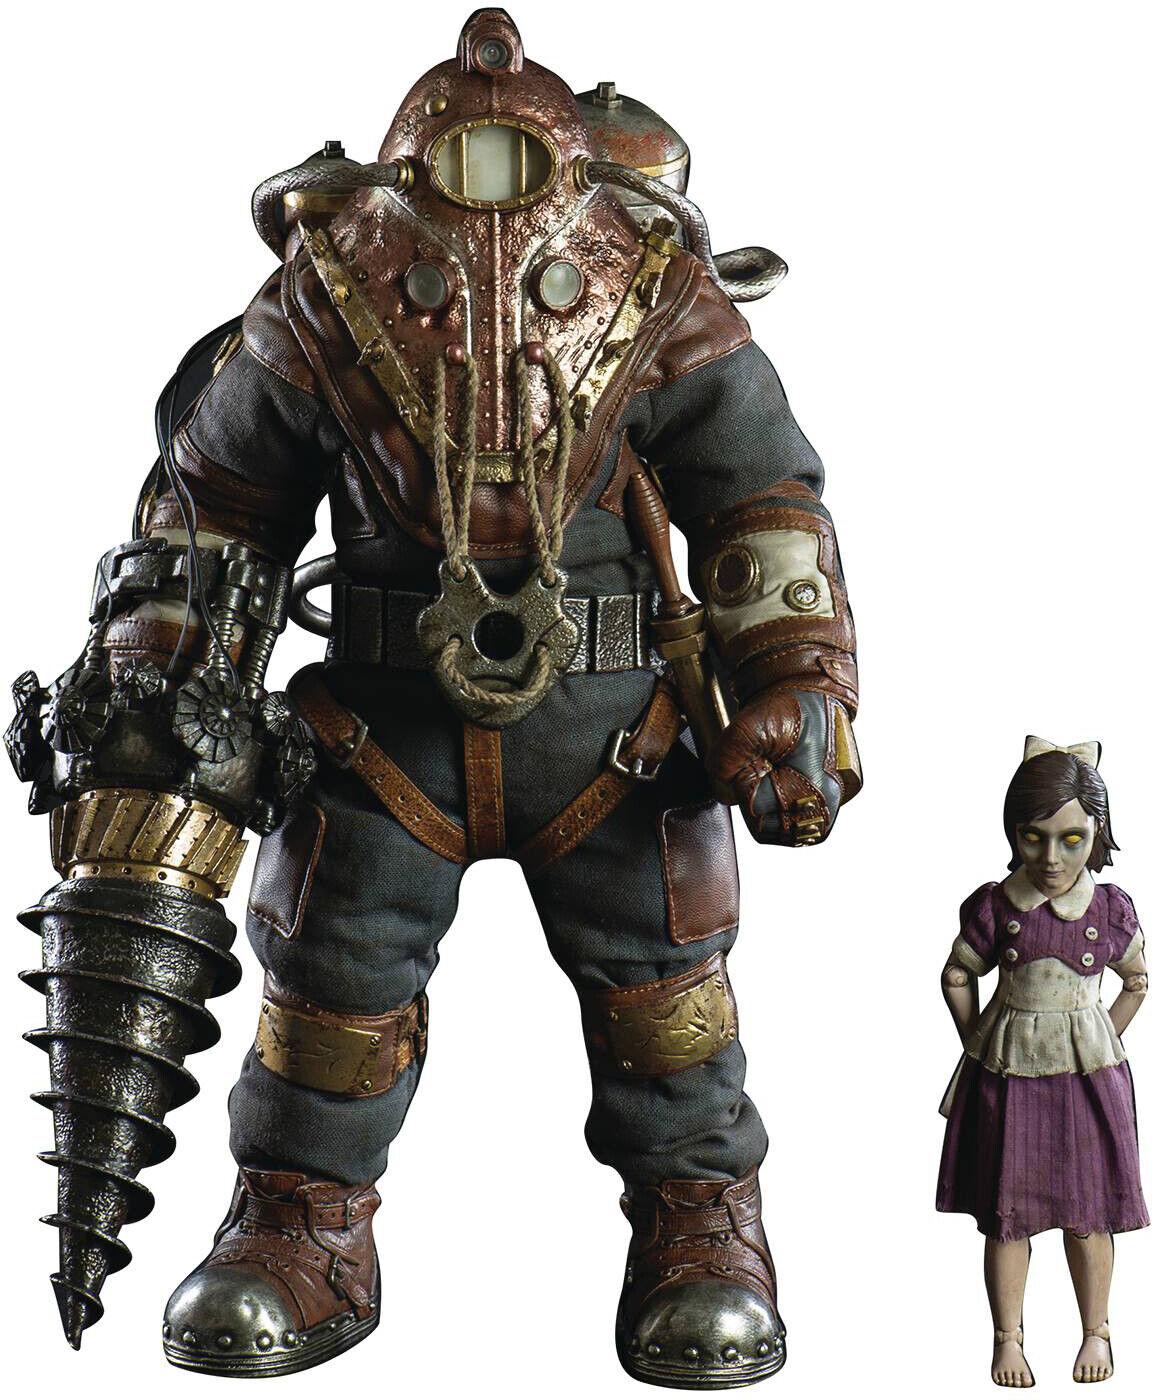 Bioshock 13 pulgadas figura serie 1 6 escala sujeto Delta & hermanita